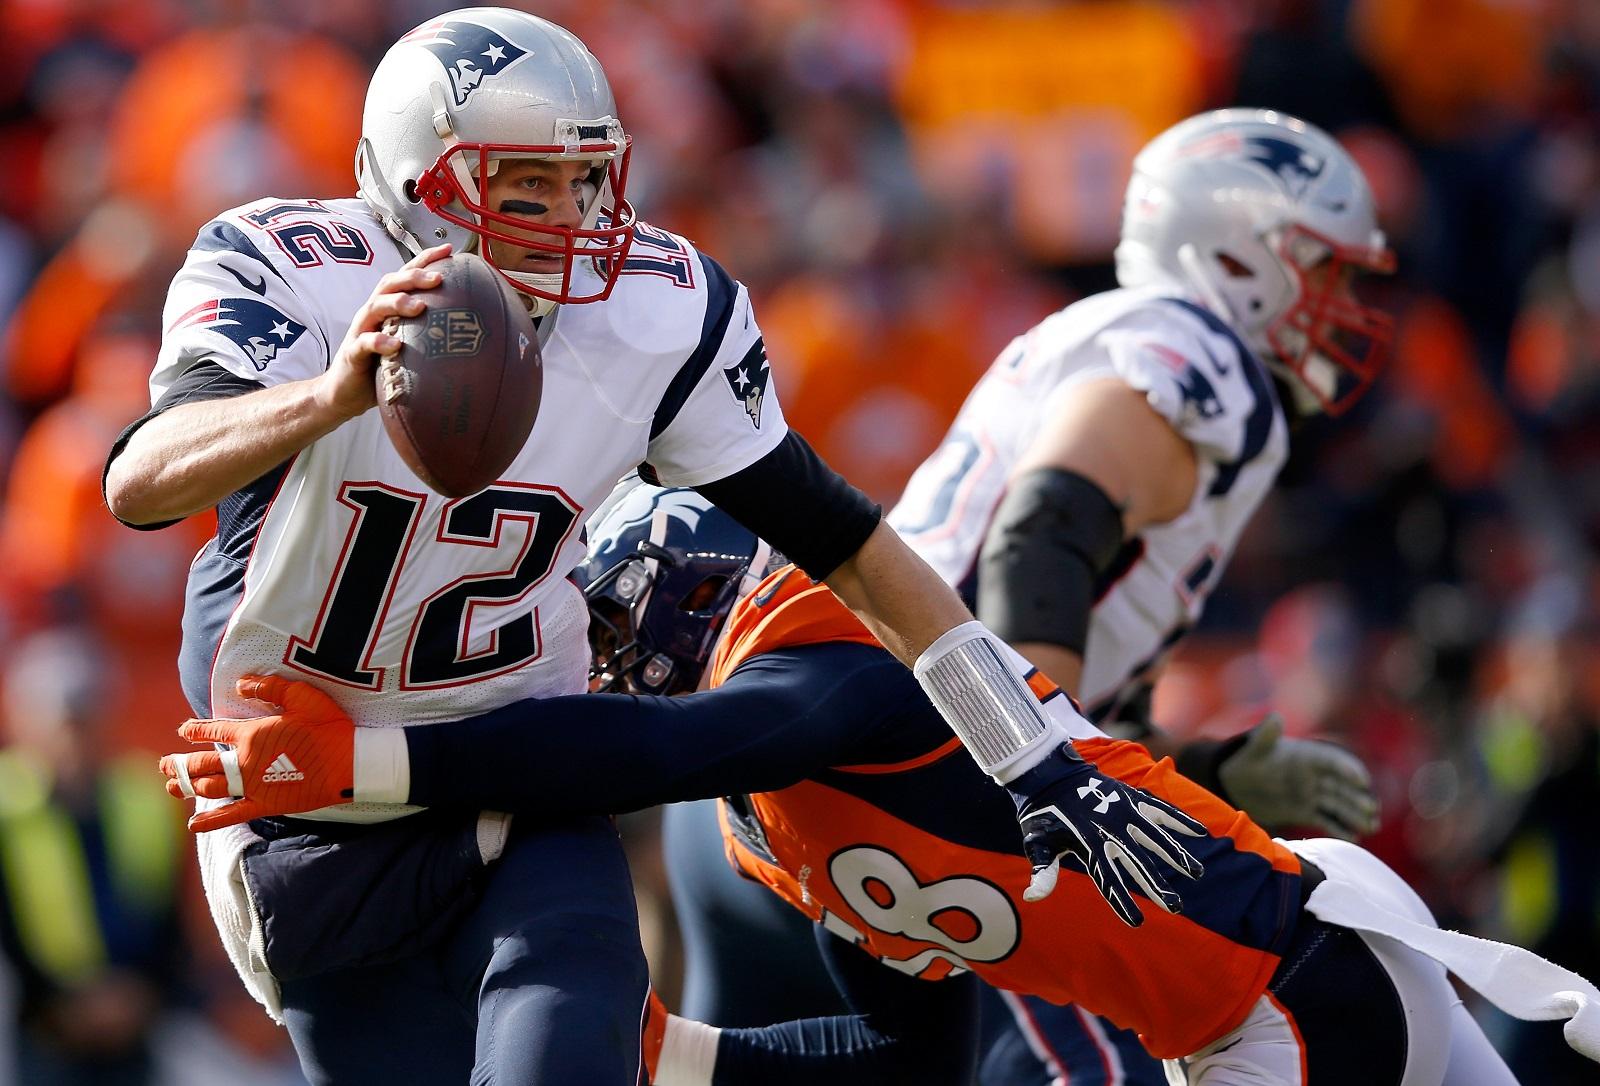 Von Miller, No. 58 in orange, was the Super Bowl MVP. (Photo by Ezra Shaw/Getty Images)